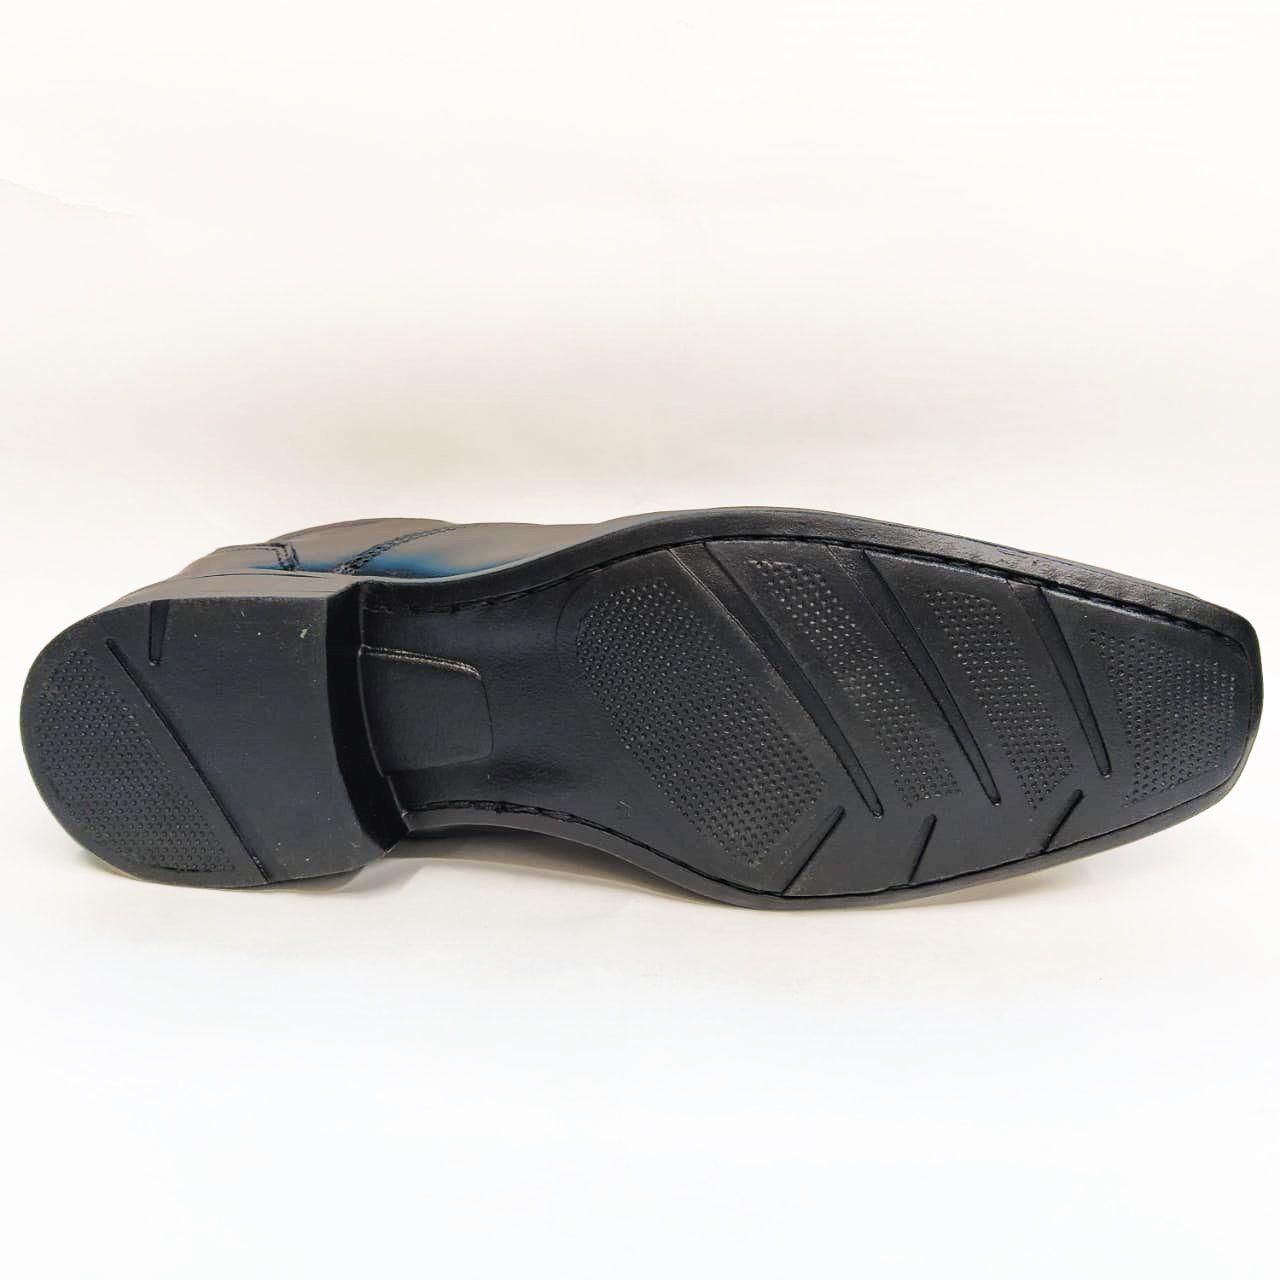 Sapato social em couro Diartele 4065 - Preto